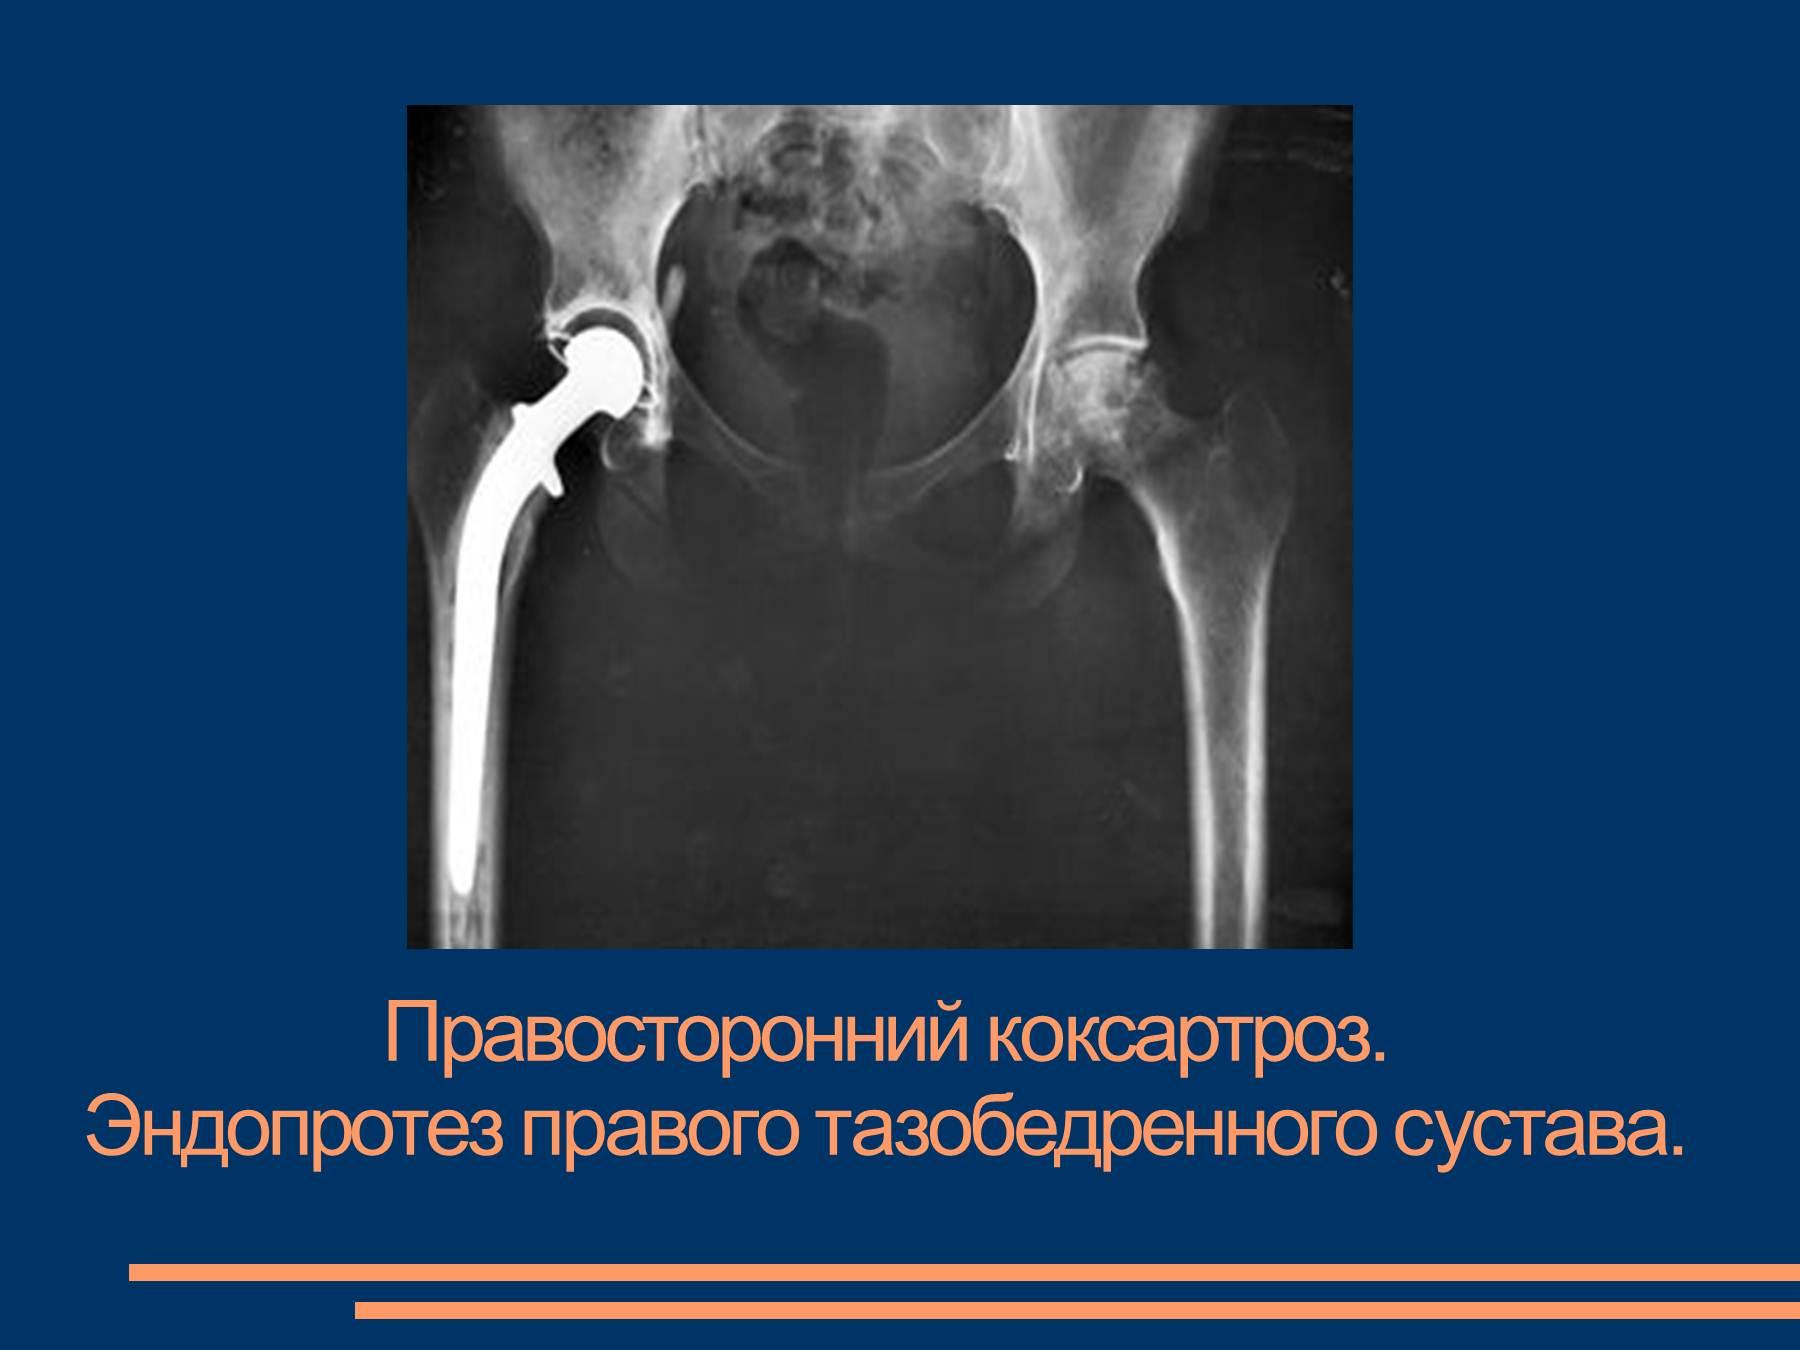 коксоартроз - остеоартроз тазобедренного сустава